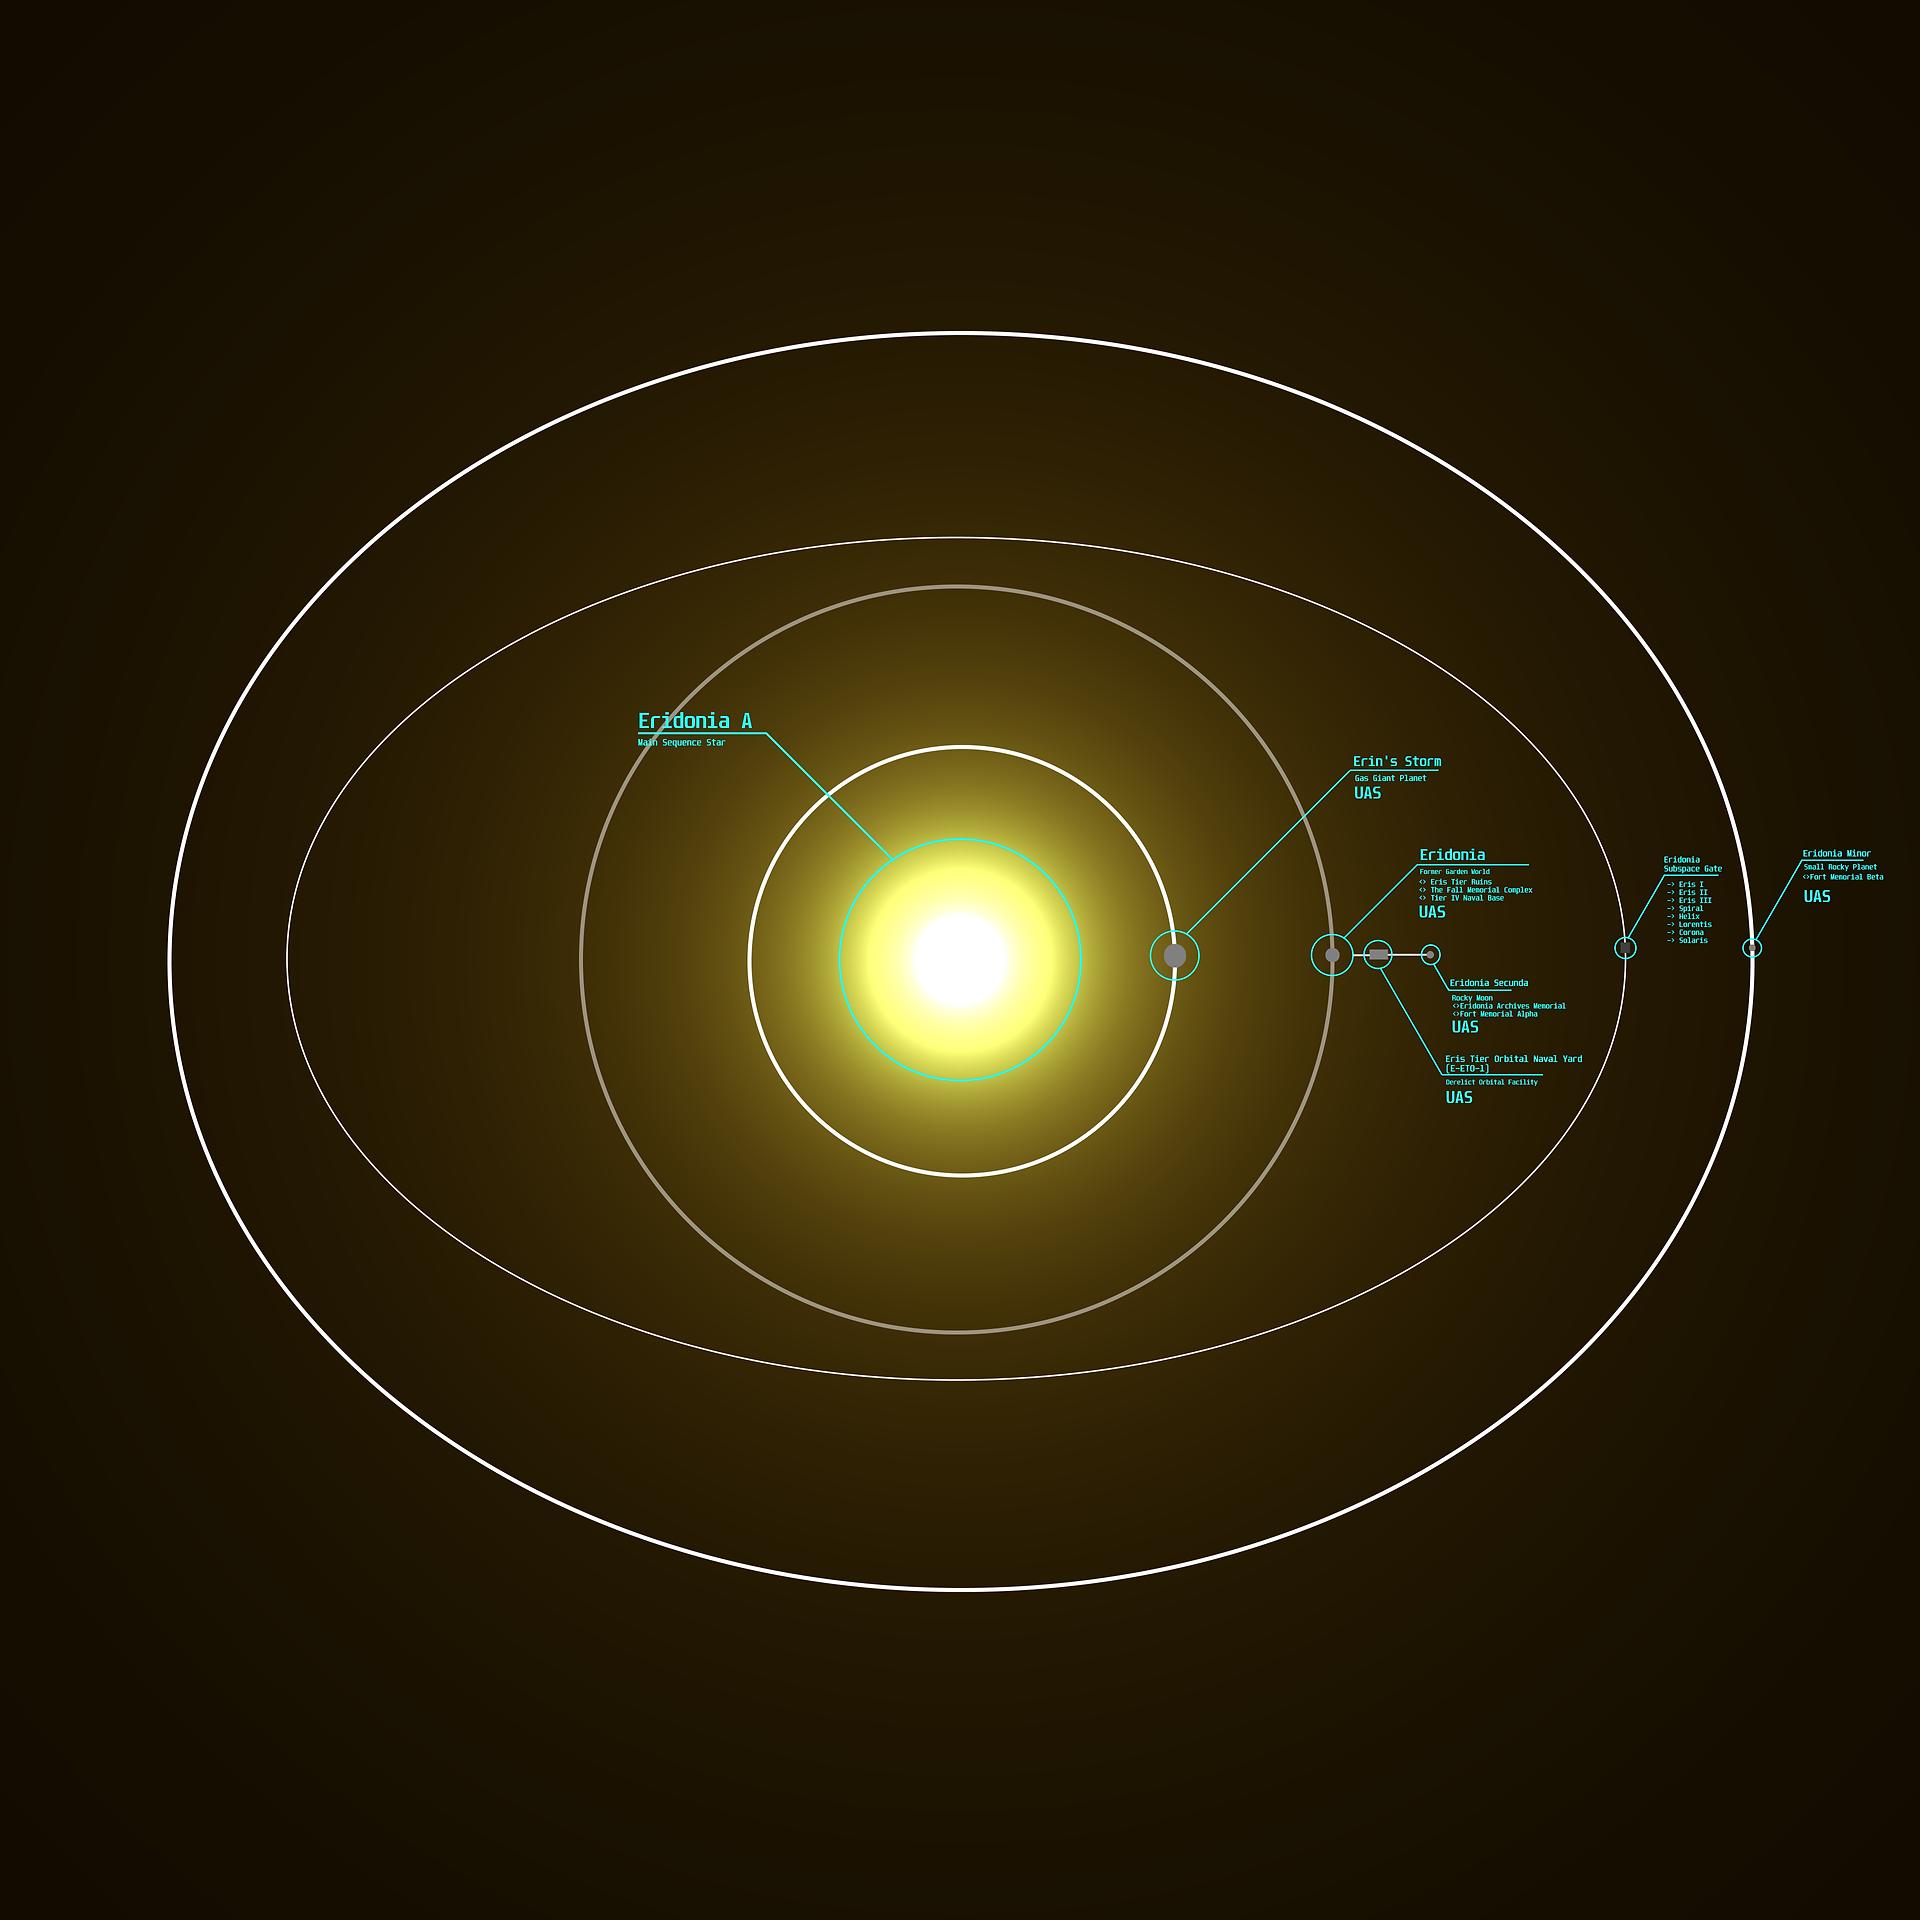 (Aquarius - Core) Eridonia System